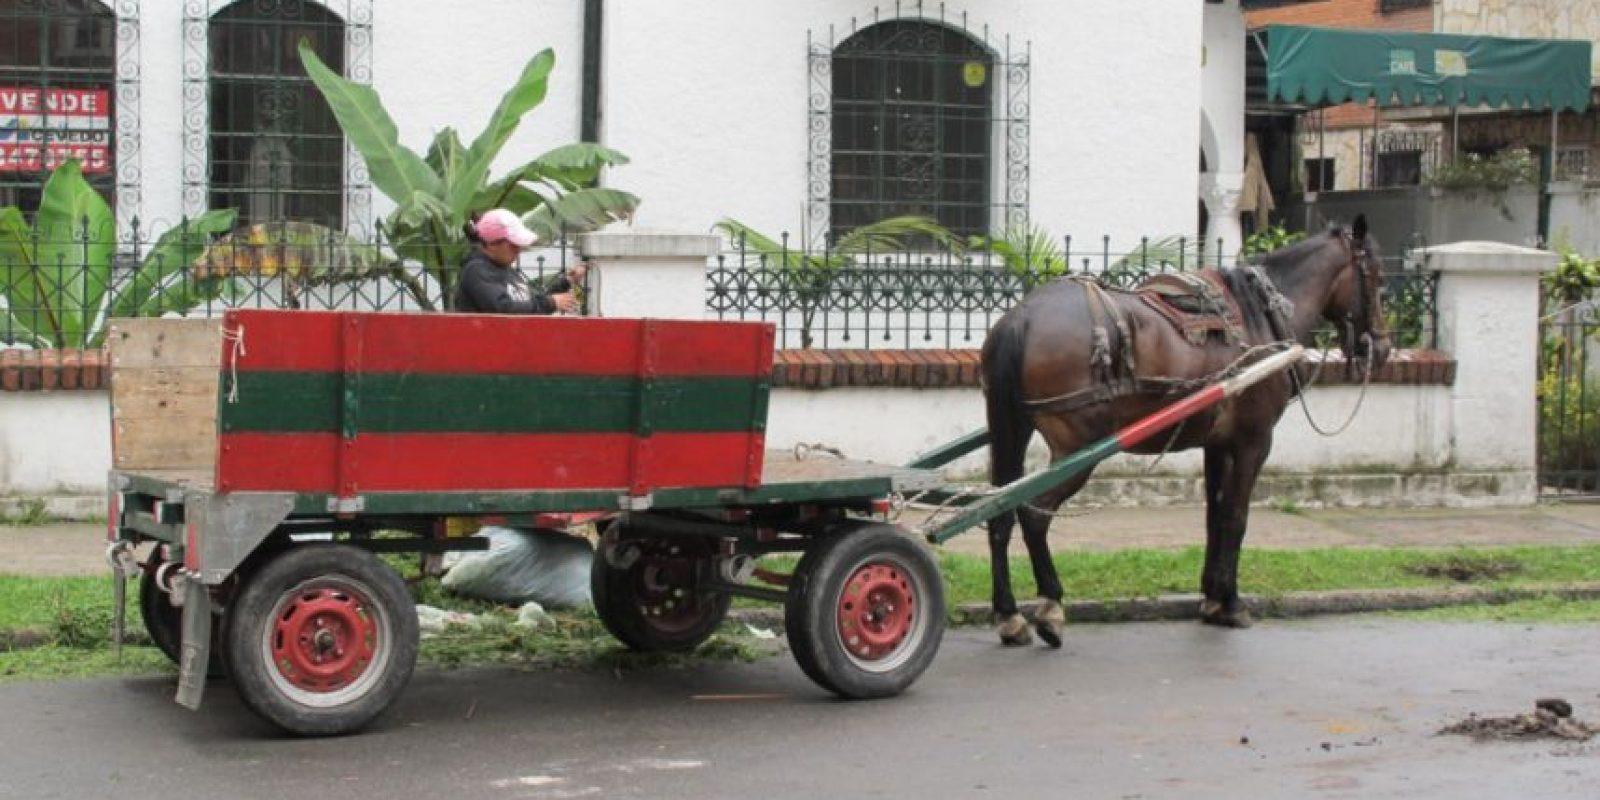 En 2014 dejaron de circular las populares 'Zorras' por las cales de Bogotá Foto:Archivo PUBLIMETRO